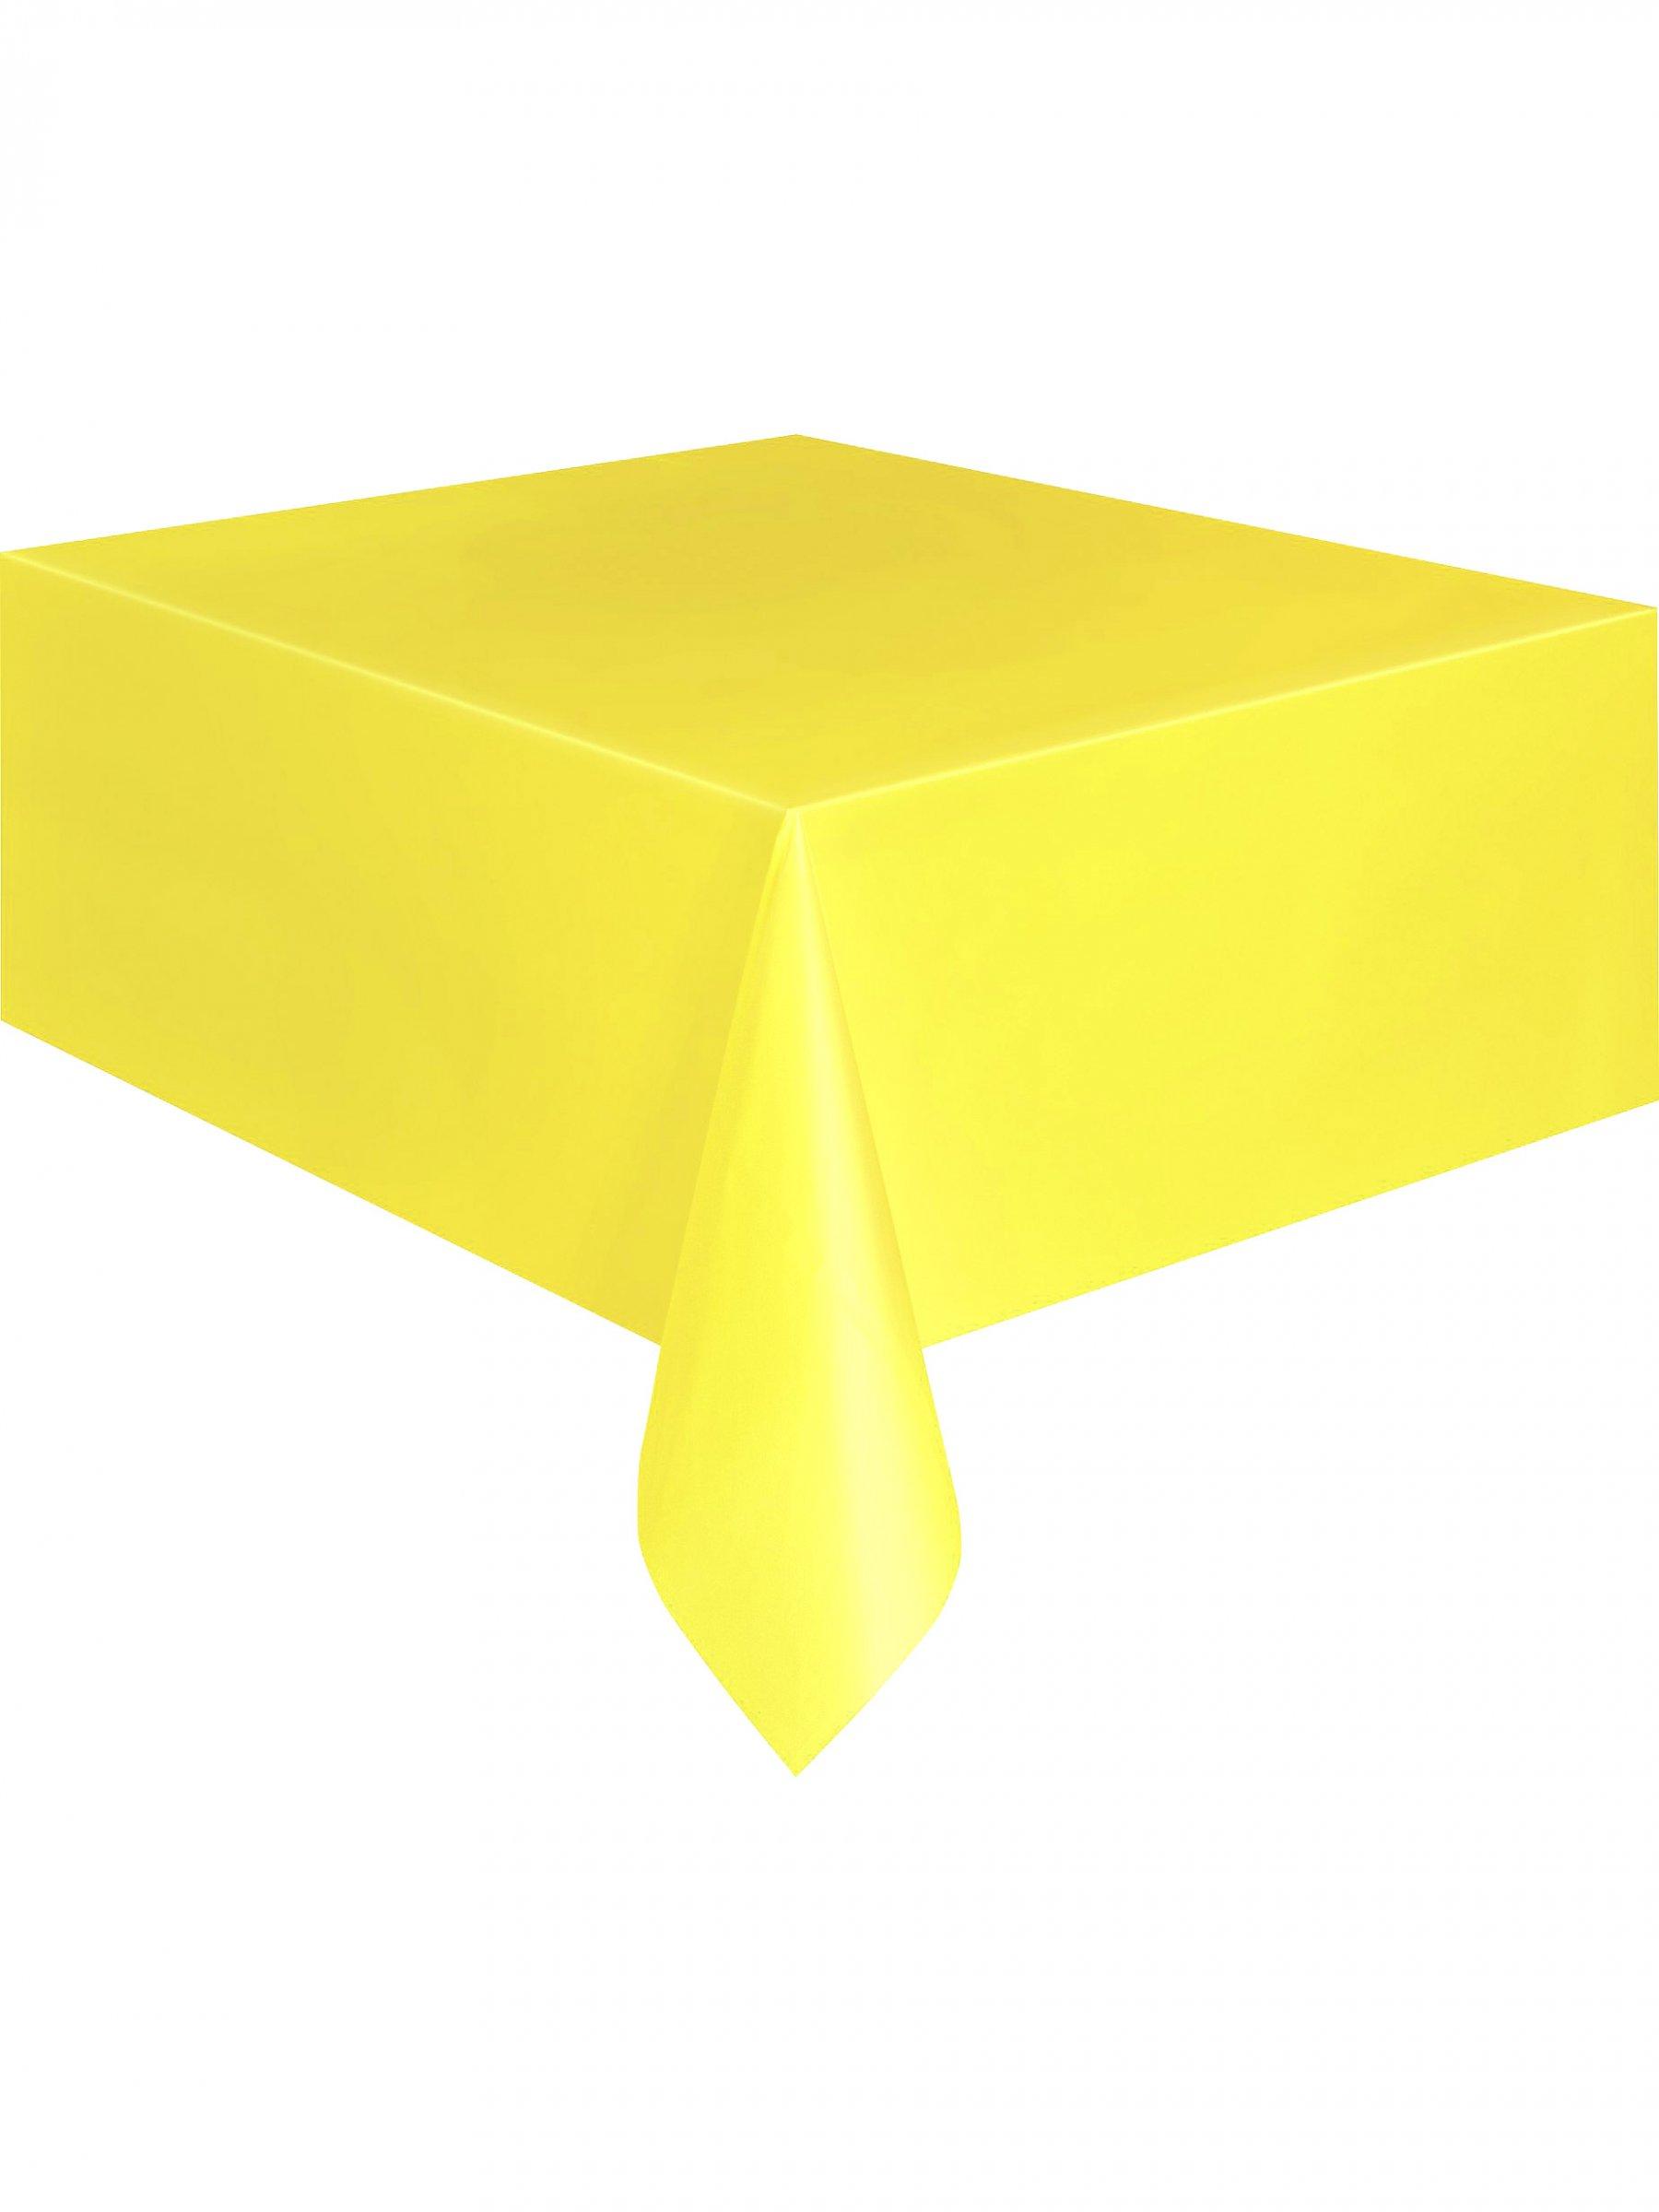 nappe jaune doux en plastique 137 x 274 cm d coration anniversaire et f tes th me sur vegaoo. Black Bedroom Furniture Sets. Home Design Ideas